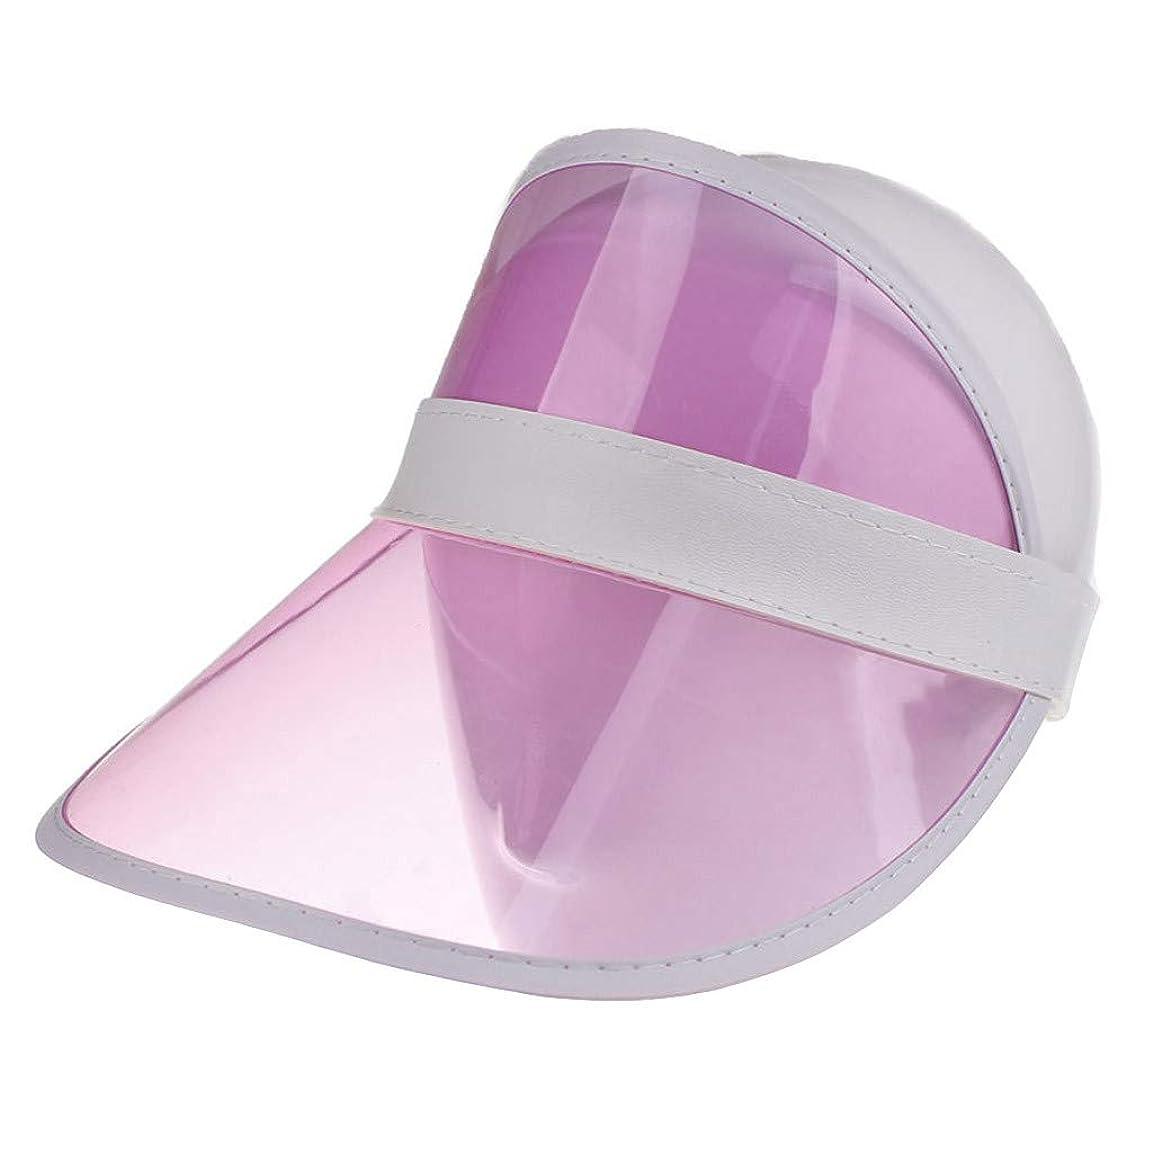 持っているインフラ助言レディースクリアハット帽子レインバイザー UVカットユニセックスアウトドア野球帽帽子